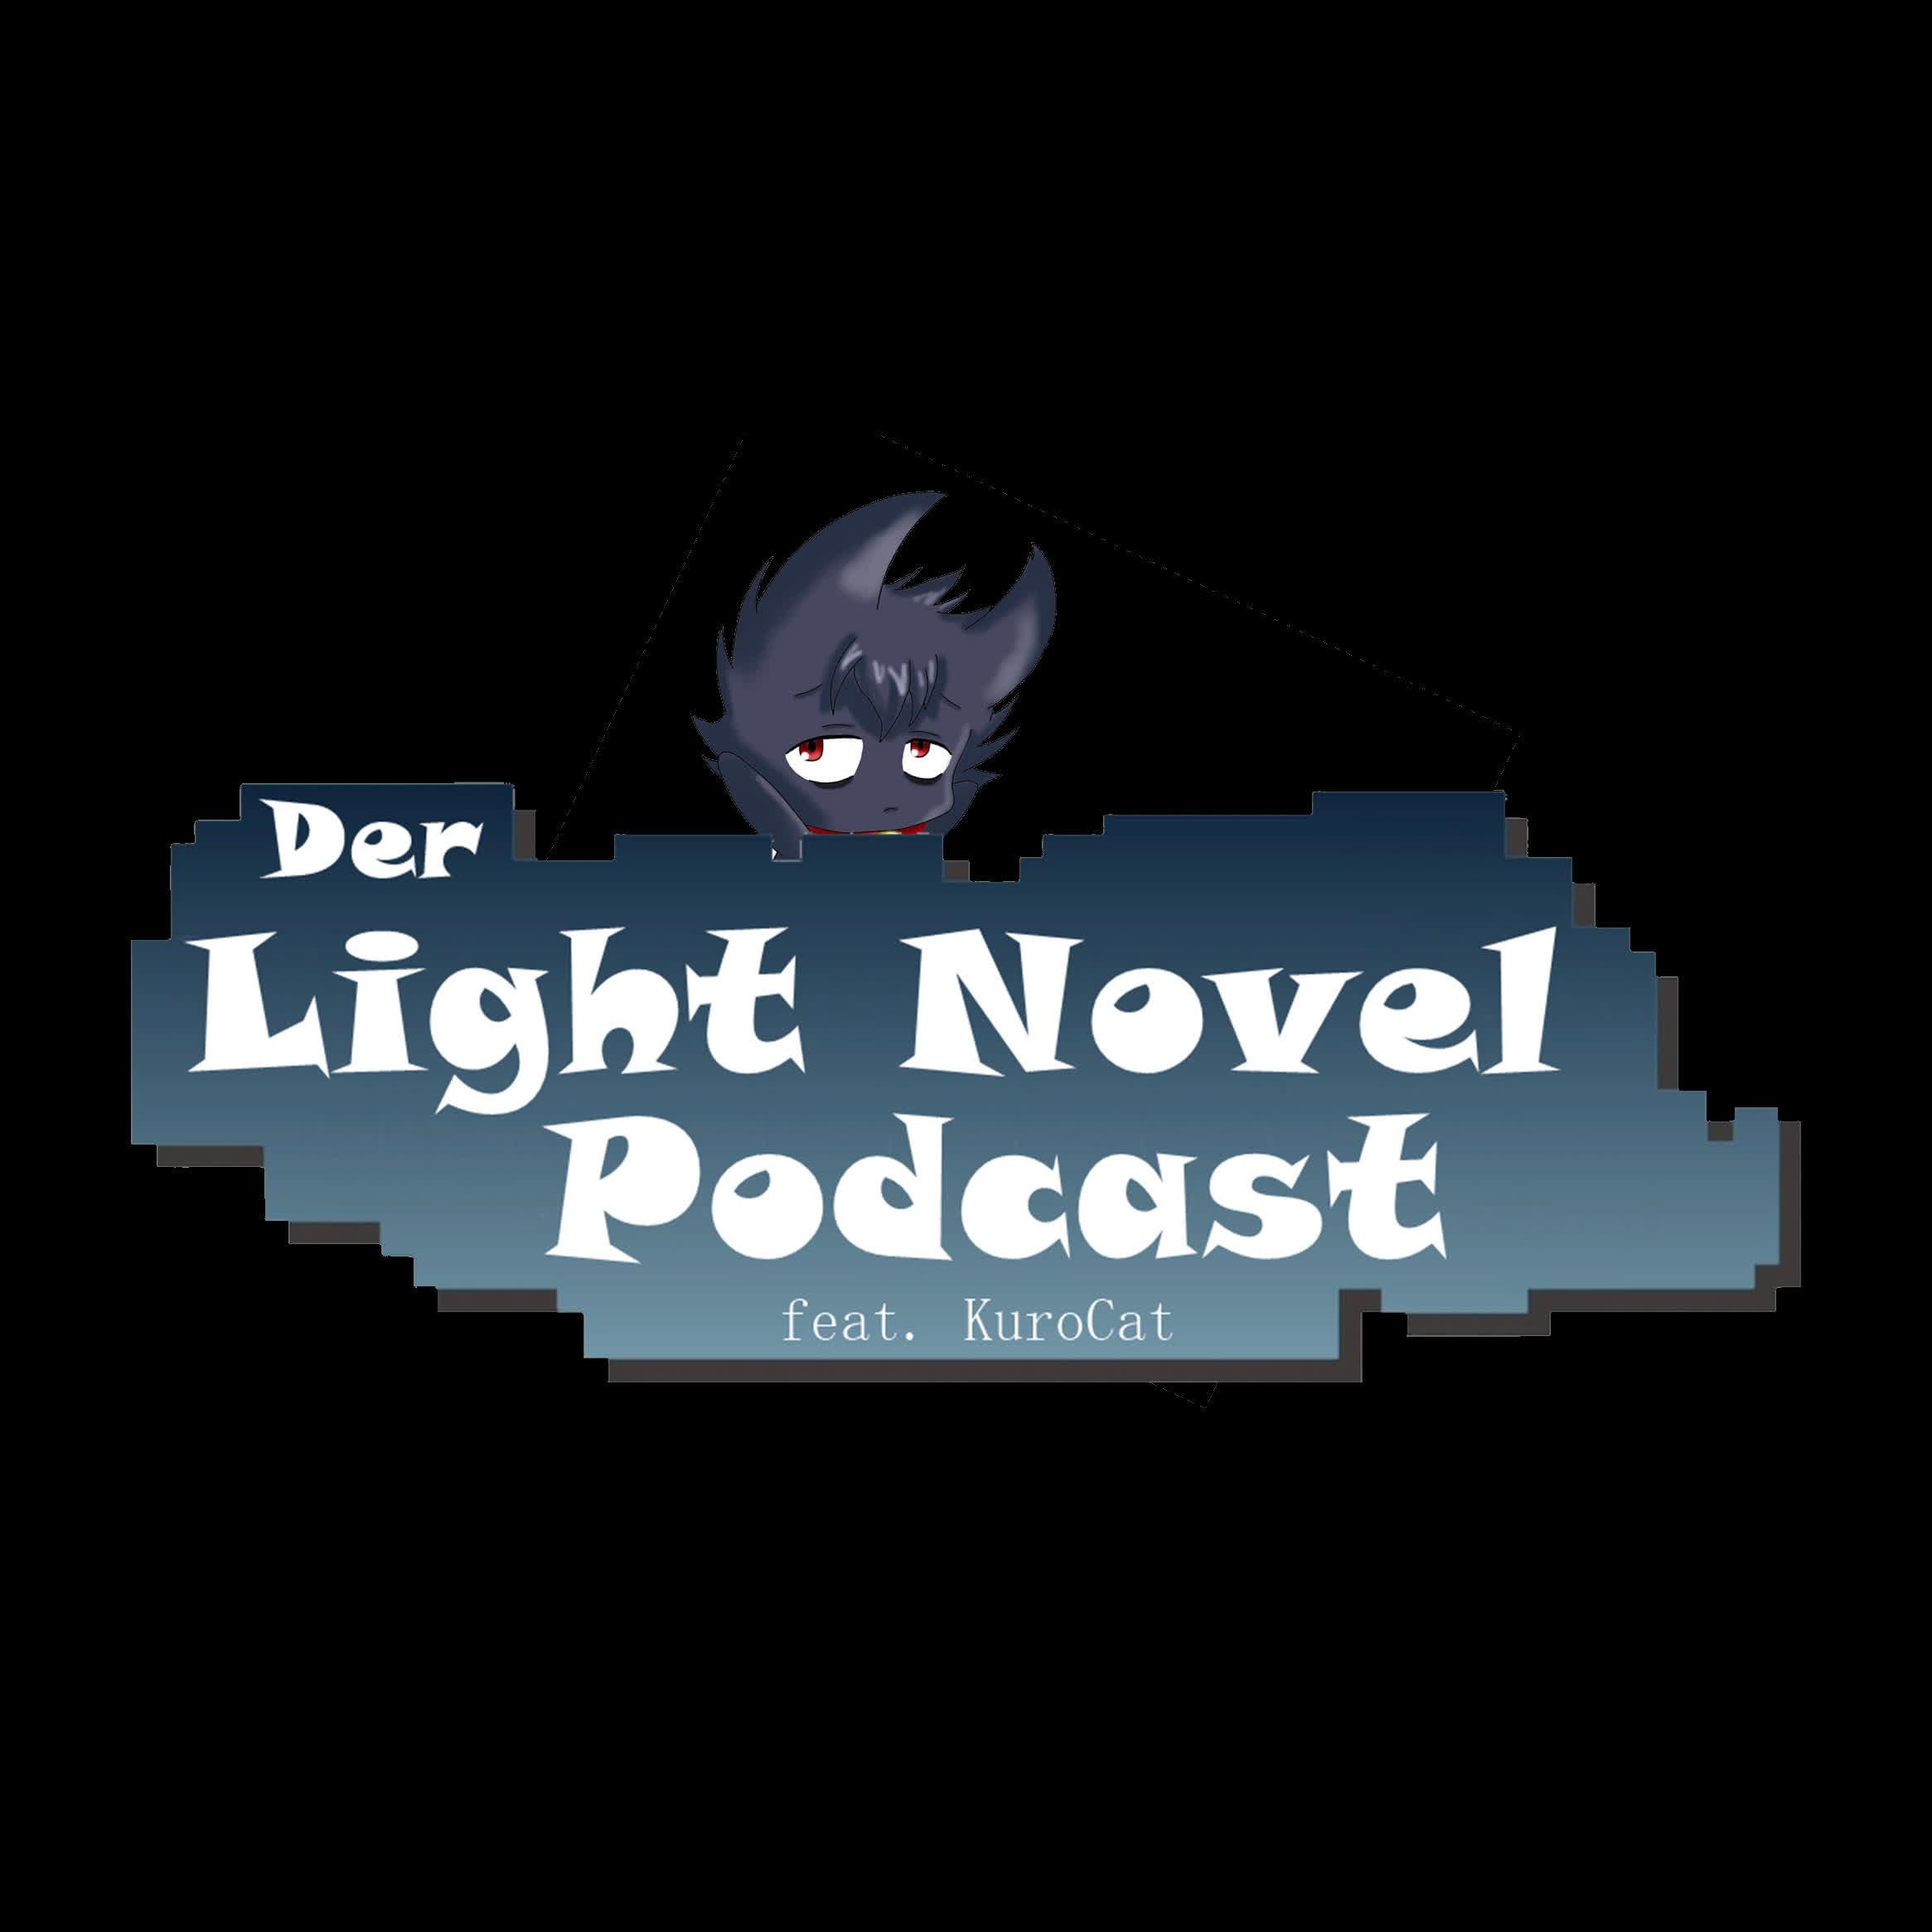 Der Light Novel Minicast #5 - Große Hüte und neue Lizenzen